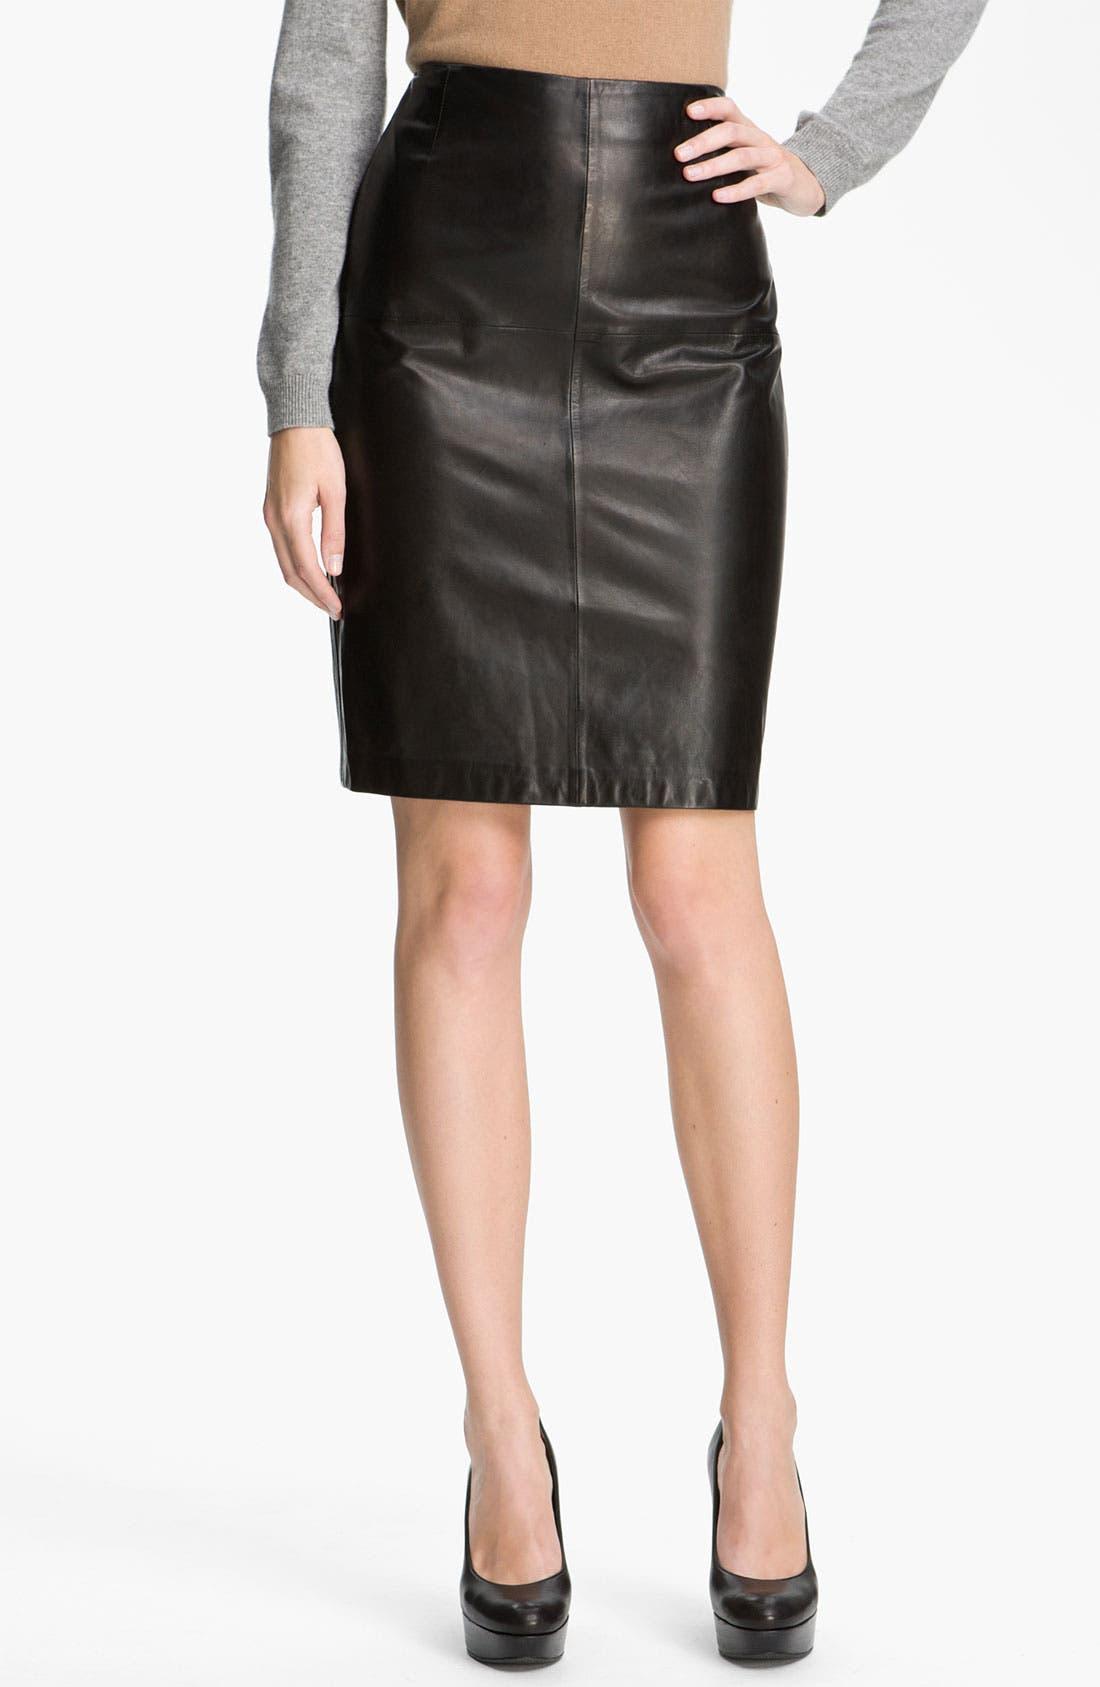 Alternate Image 1 Selected - BOSS Black Leather Skirt